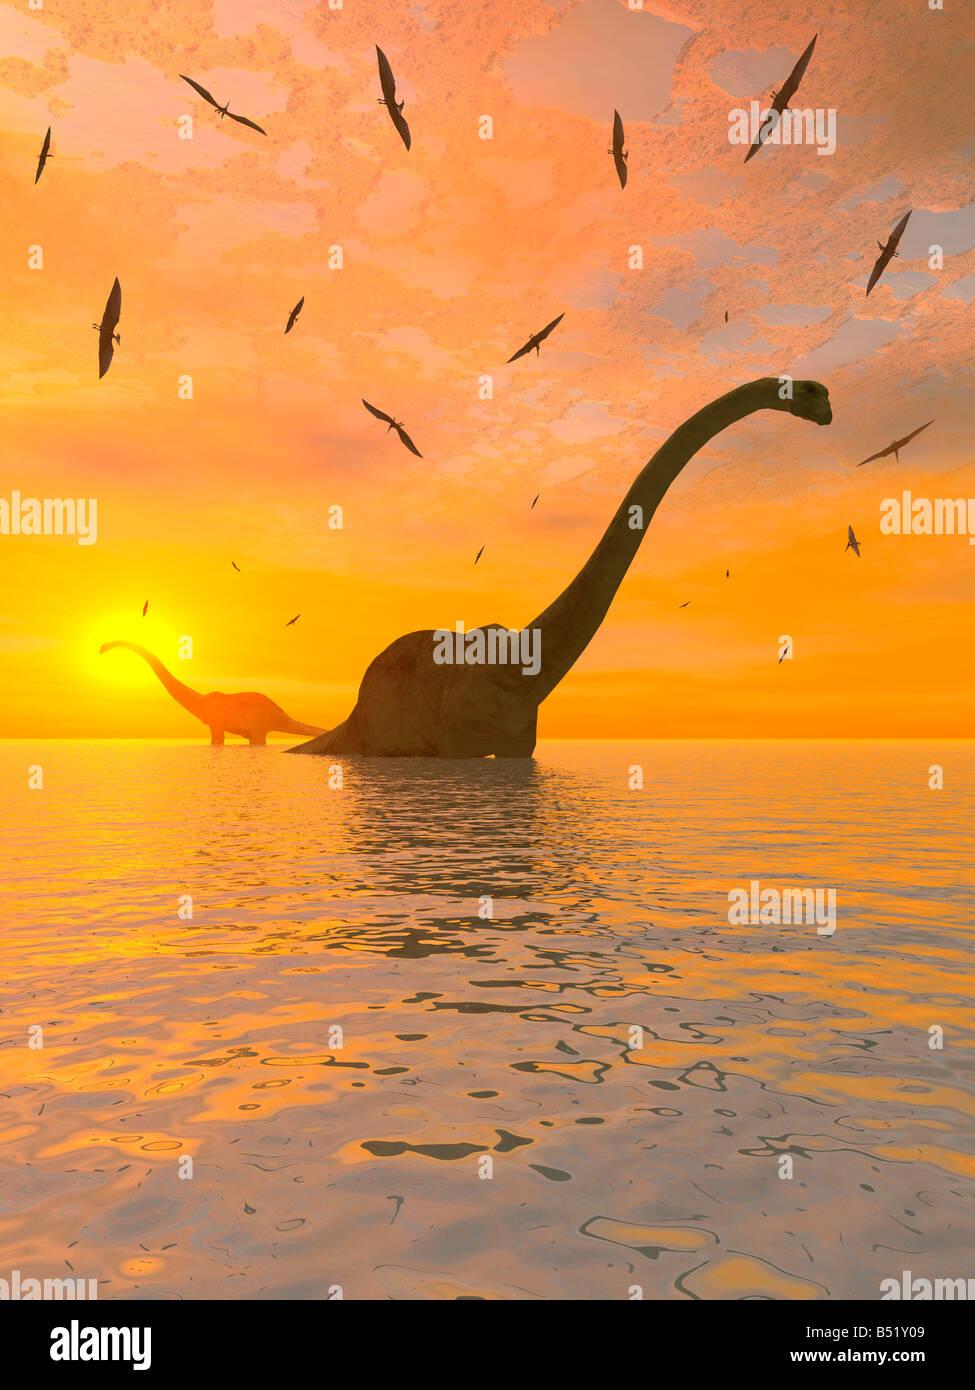 Le Diplodocus dinosaures et ptérosaures volants. Banque D'Images